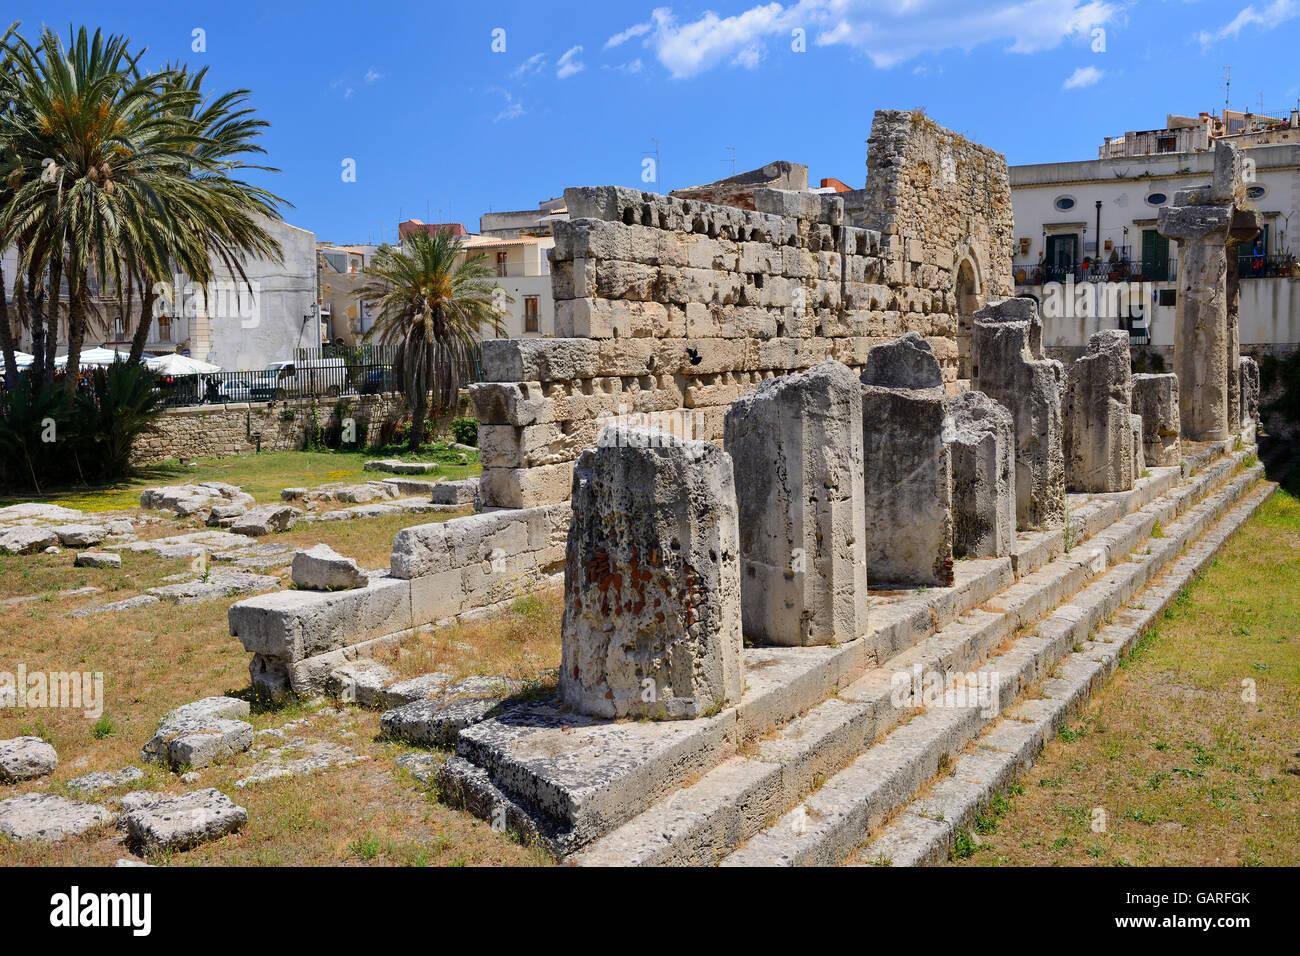 Tempel des Apollo in Ortygia, Syrakus, Sizilien, Italien Stockbild